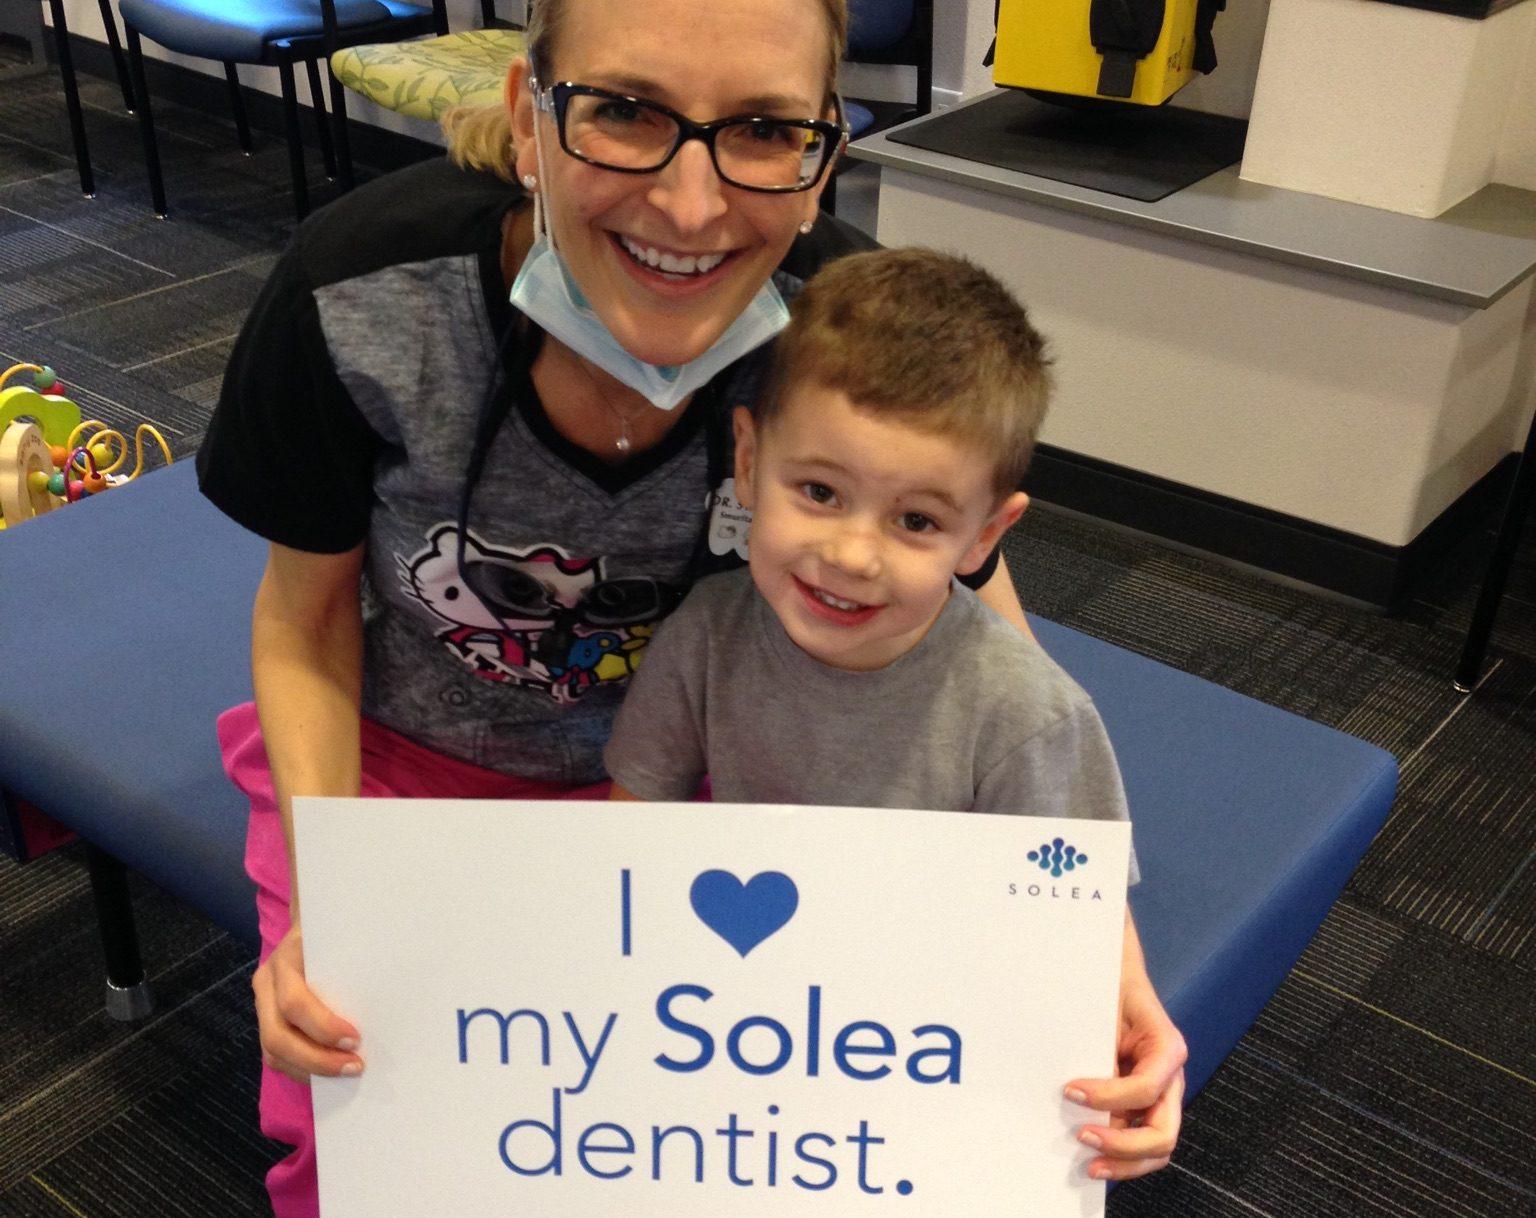 We love Solea!